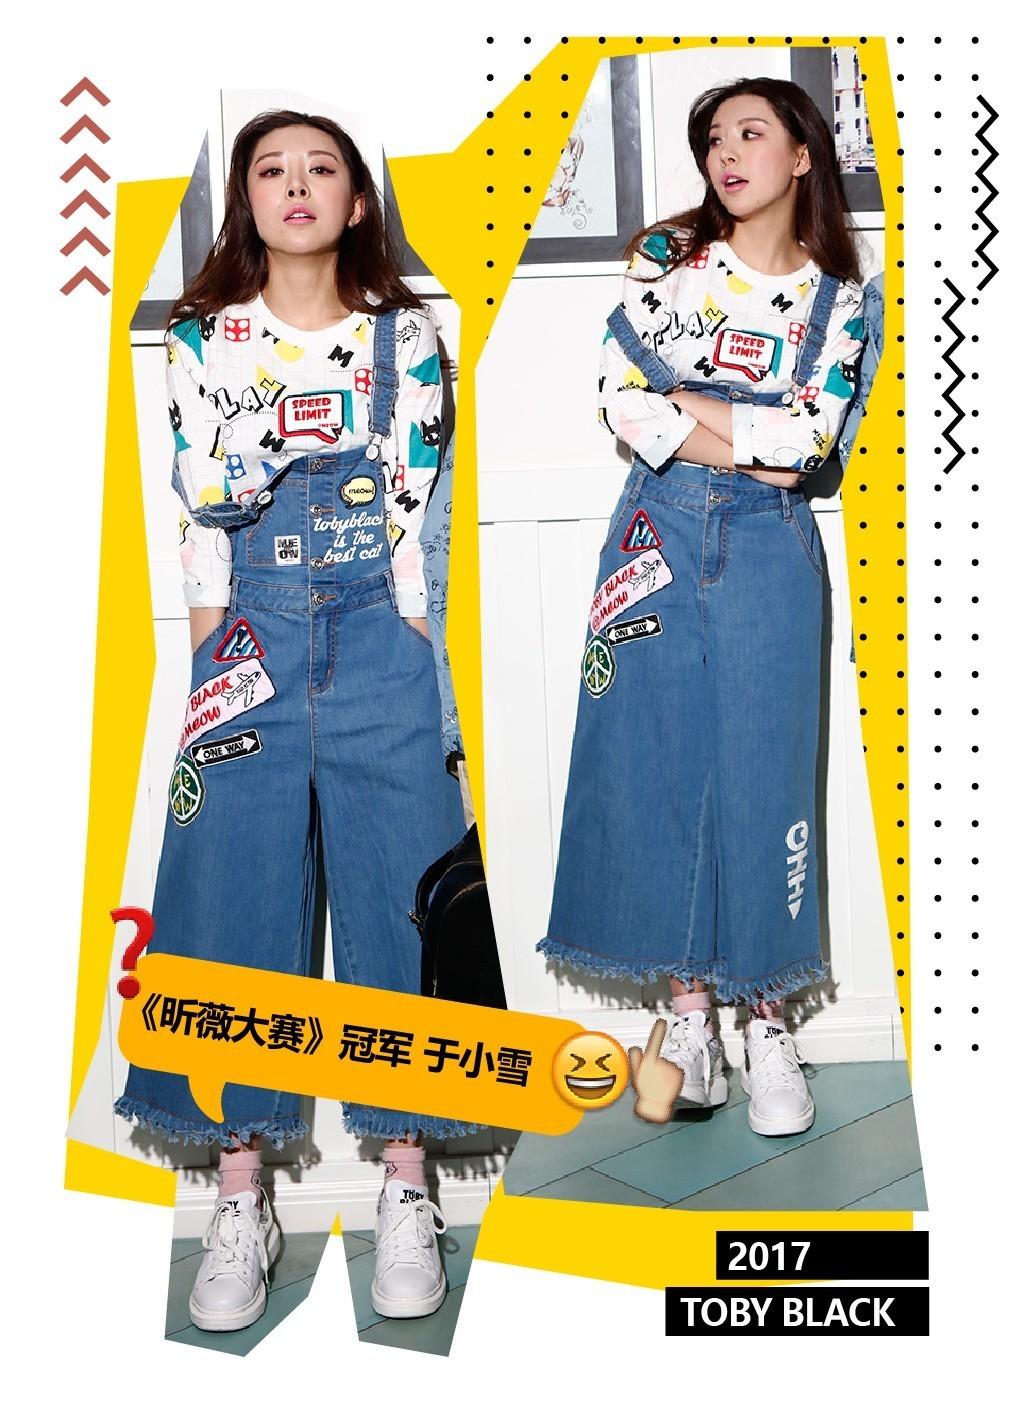 a02女装